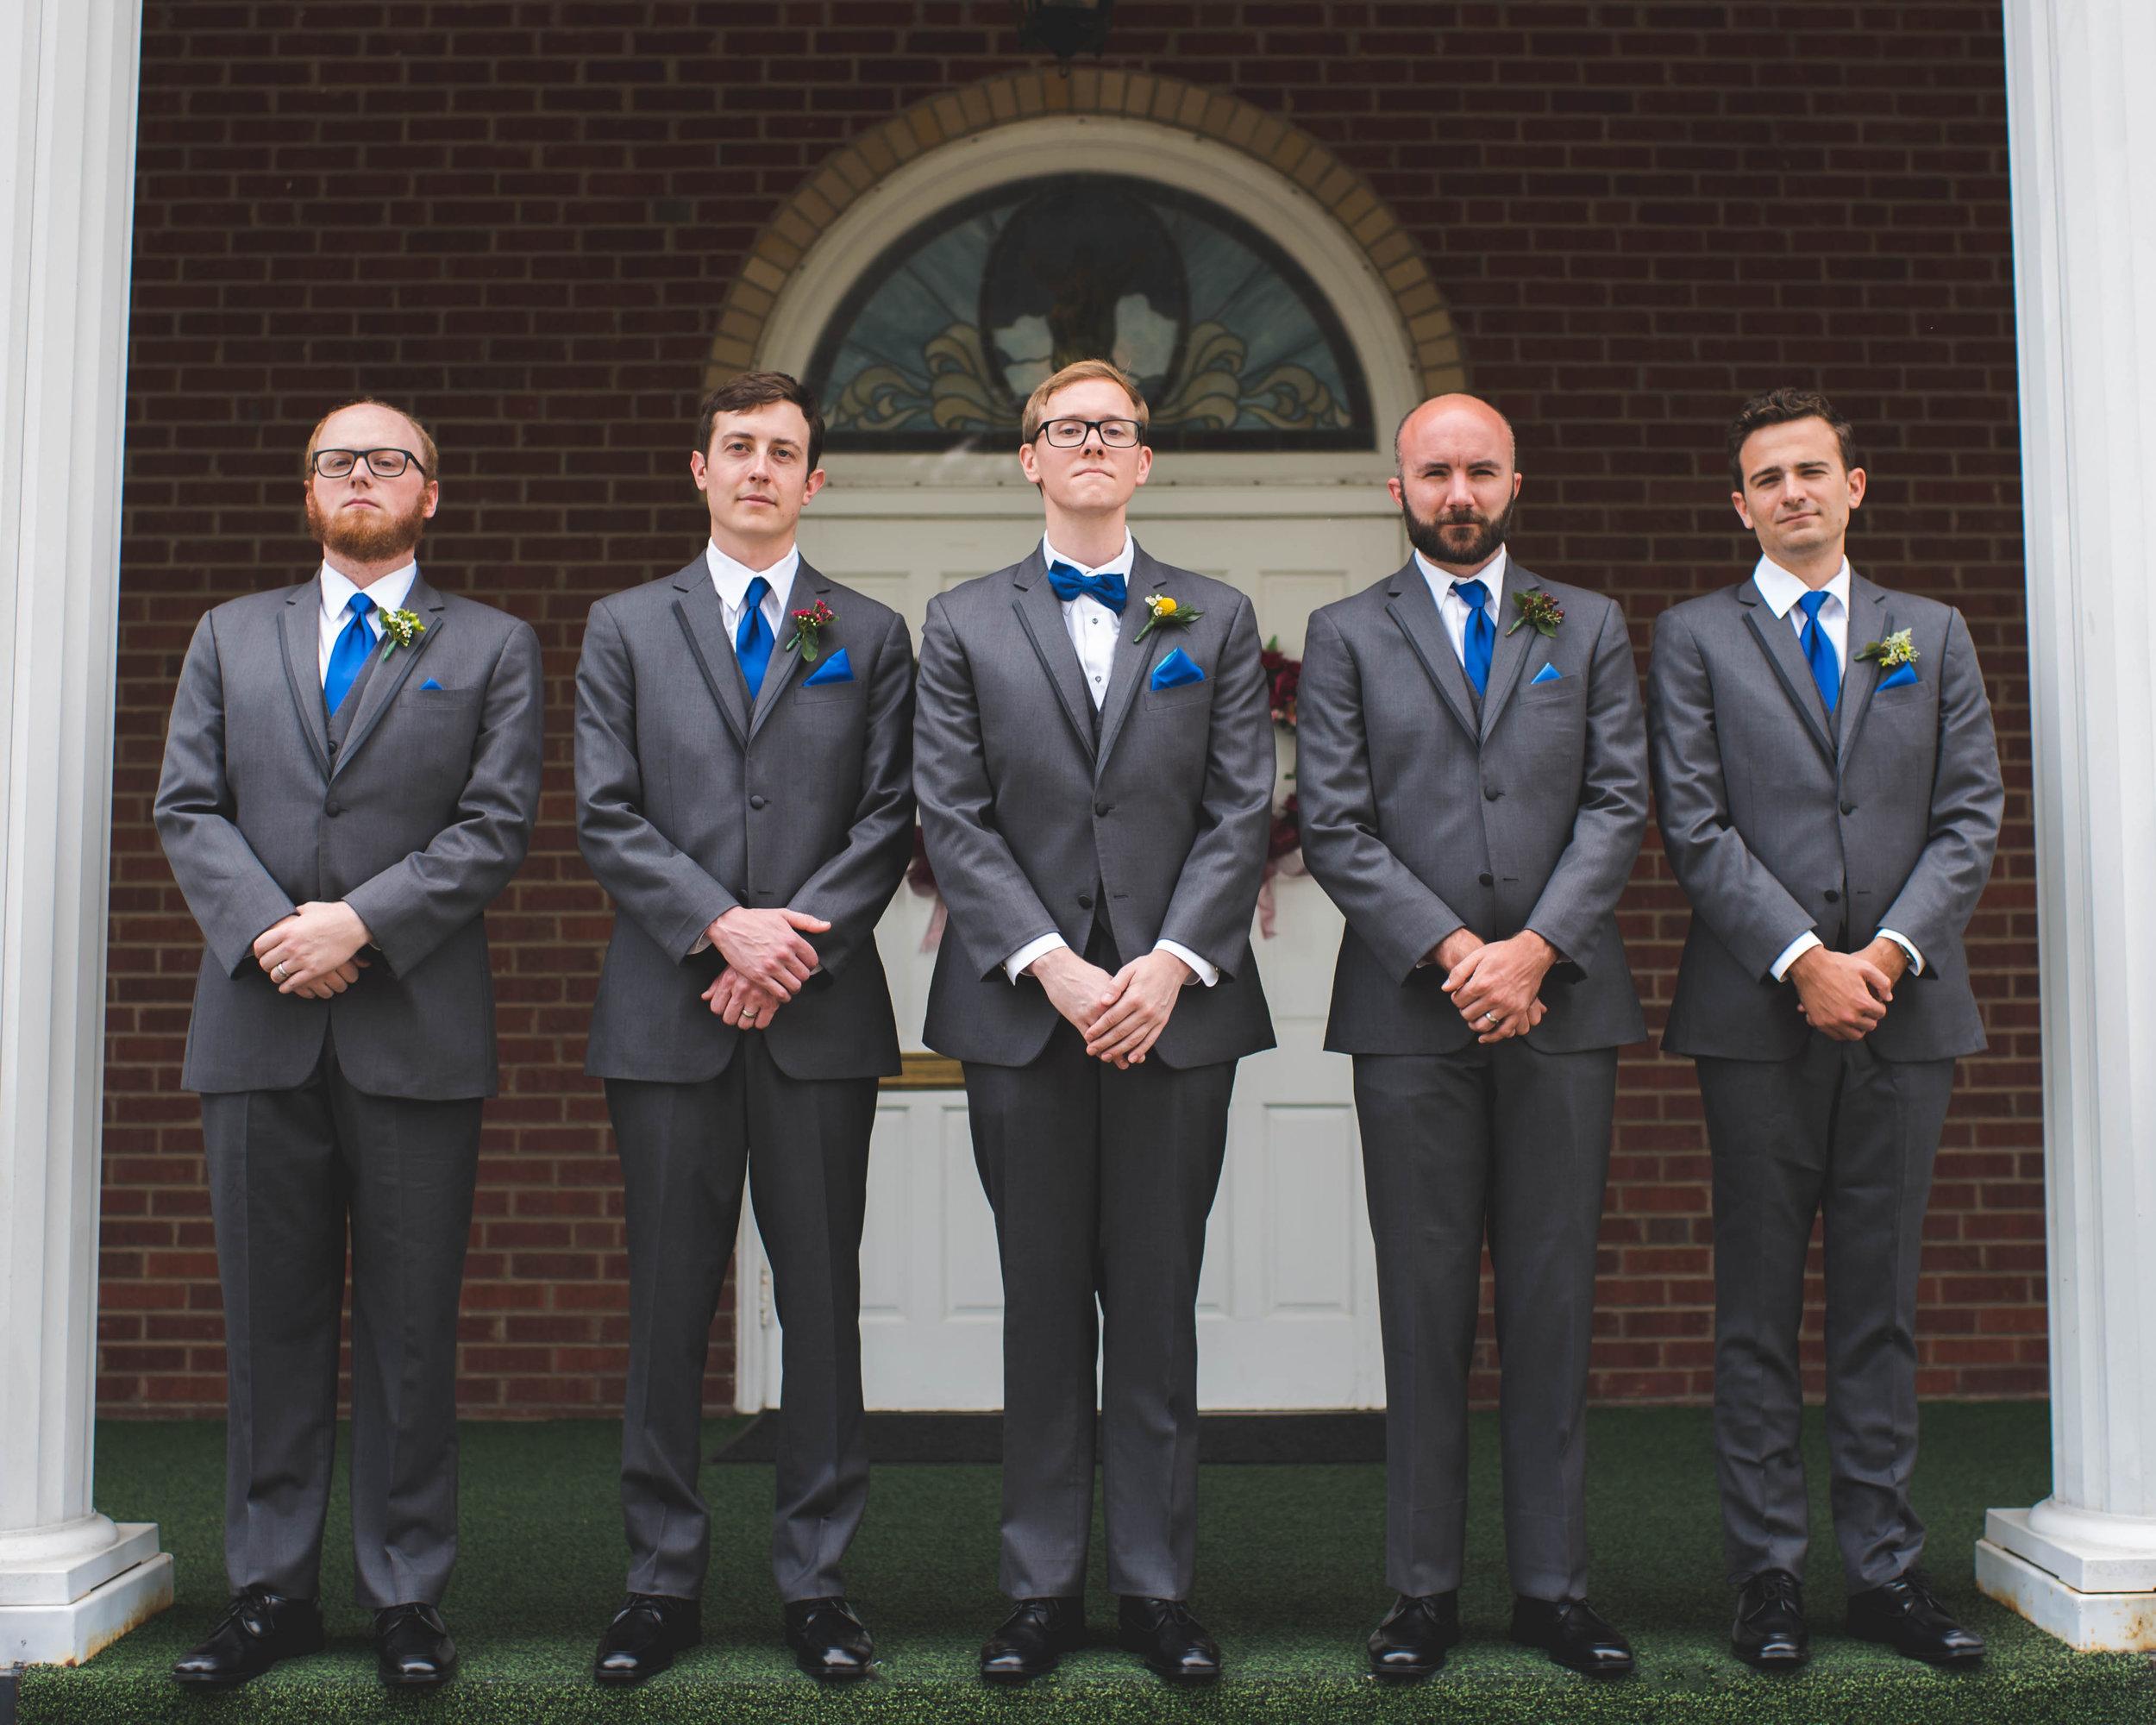 Men-022.jpg